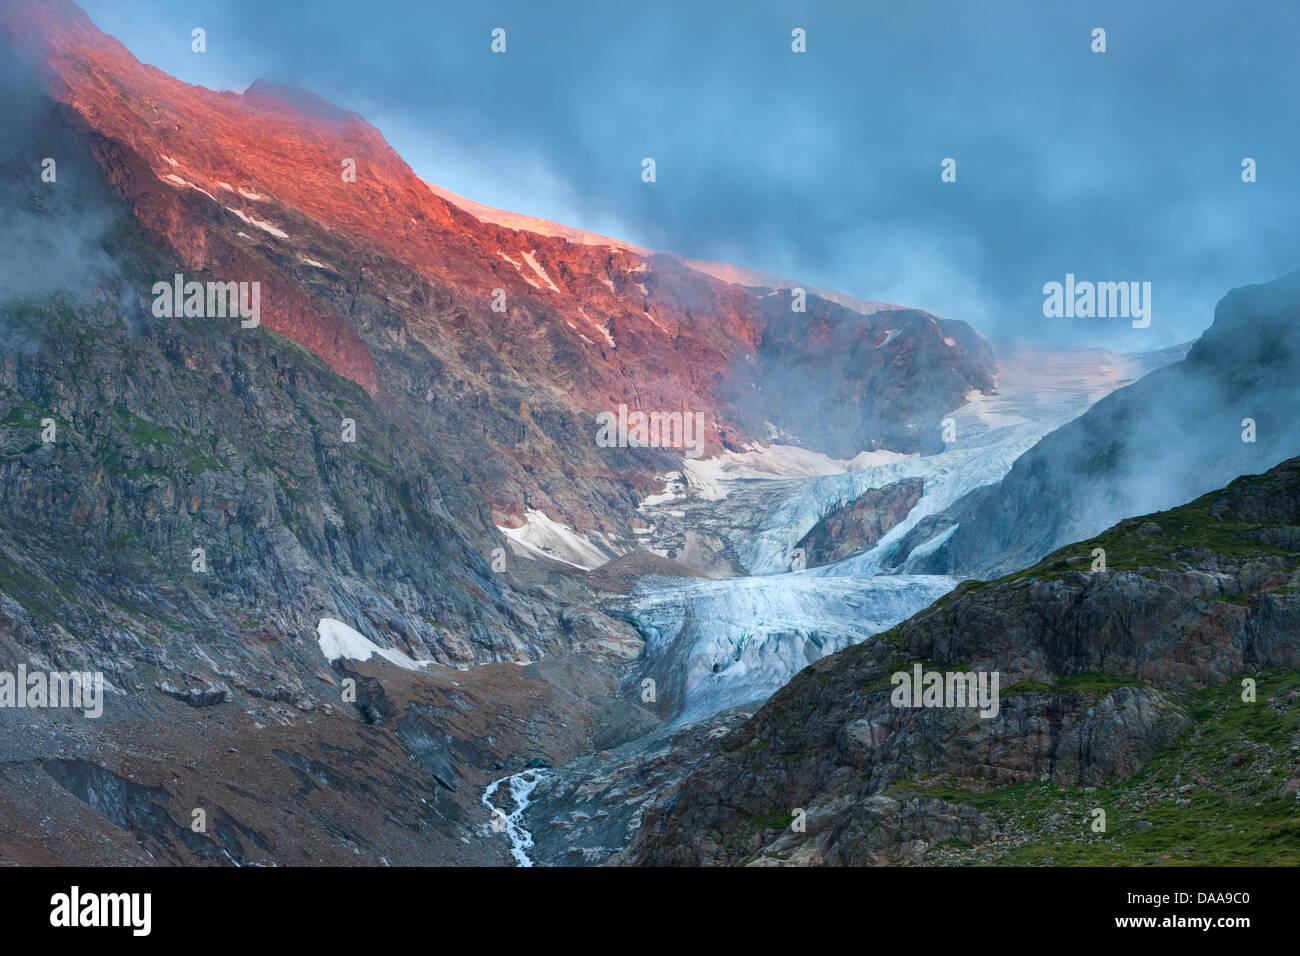 Il ghiacciaio di pietra, Svizzera, Europa, il cantone di Berna Oberland Bernese, Gadmental, ghiacciaio, ghiaccio, Immagini Stock